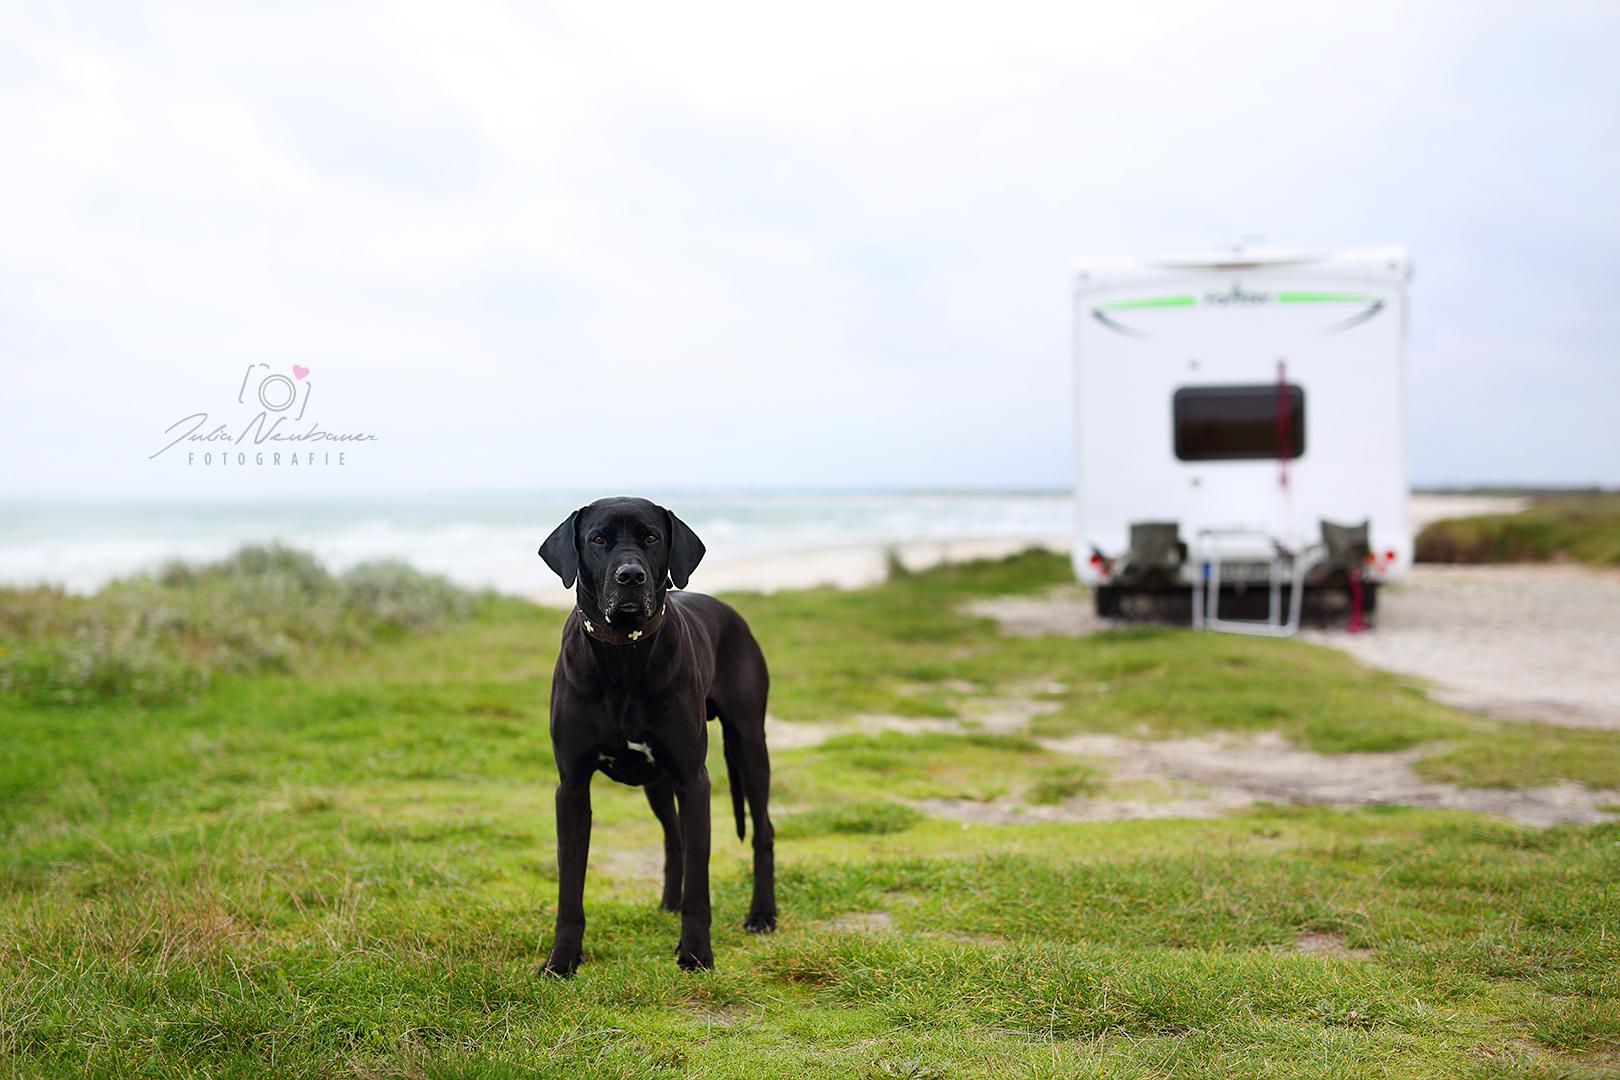 Camping_Hund_Einpackliste_was mitnehmen_Reise